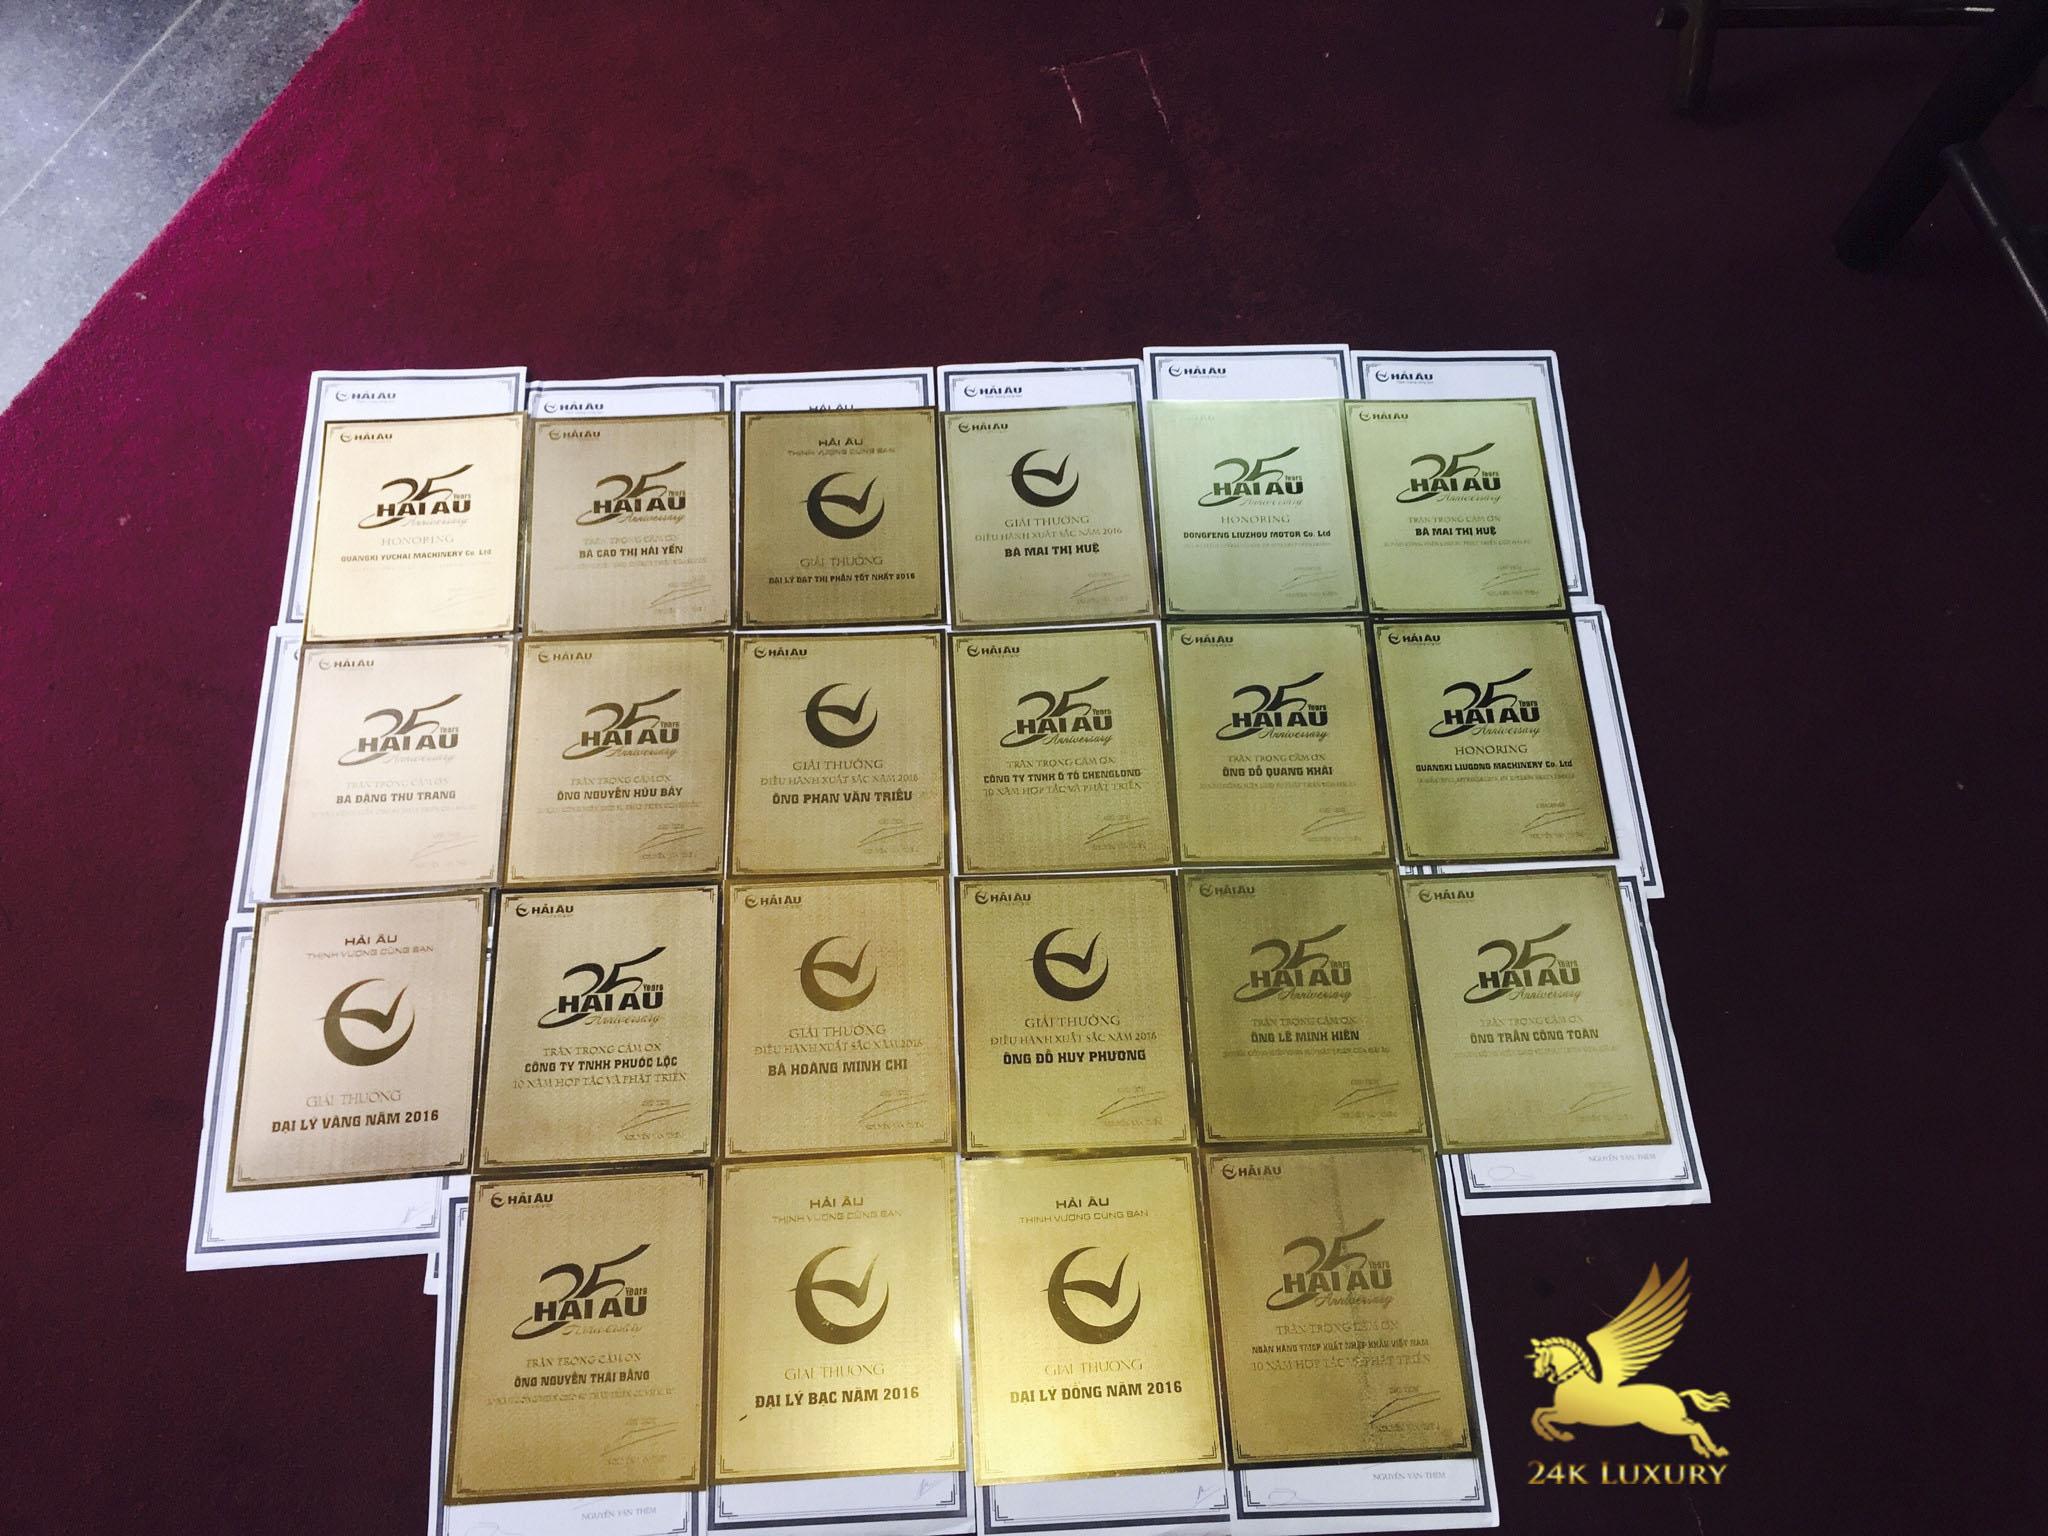 Kỷ niệm chương mạ vàng góp phần tôn vinh giá trị của món quà